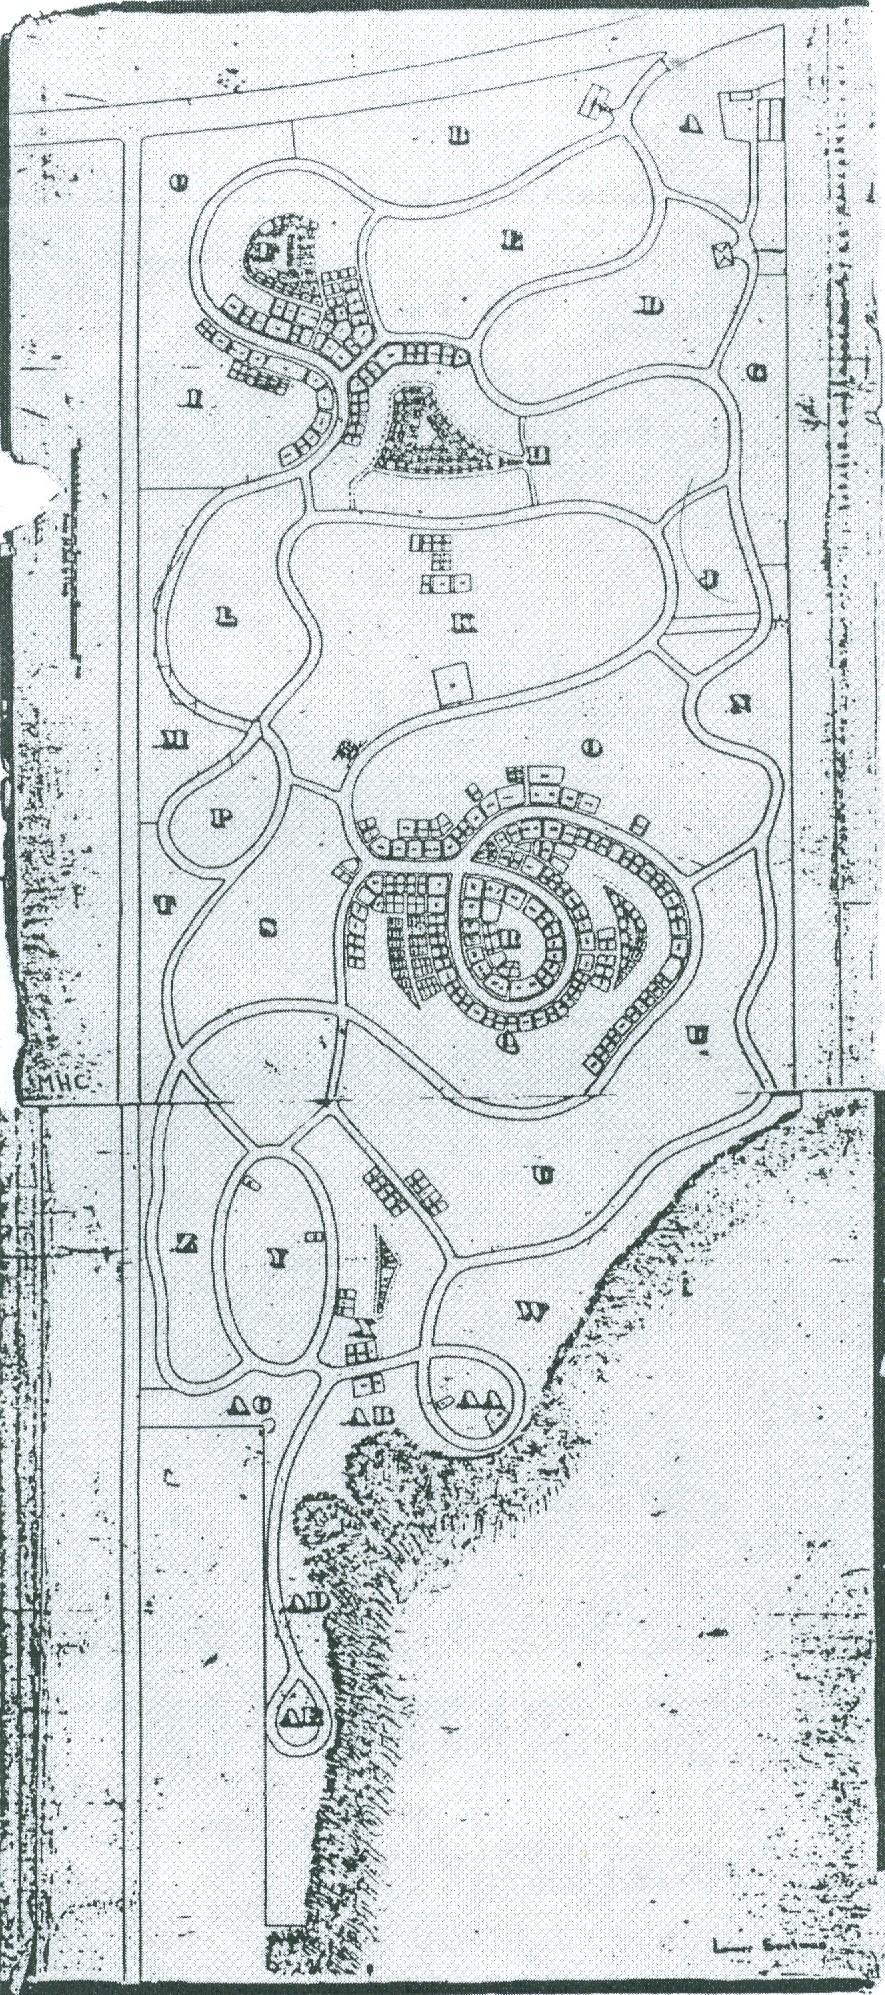 Photo noir et blanc d'un dessin de plan